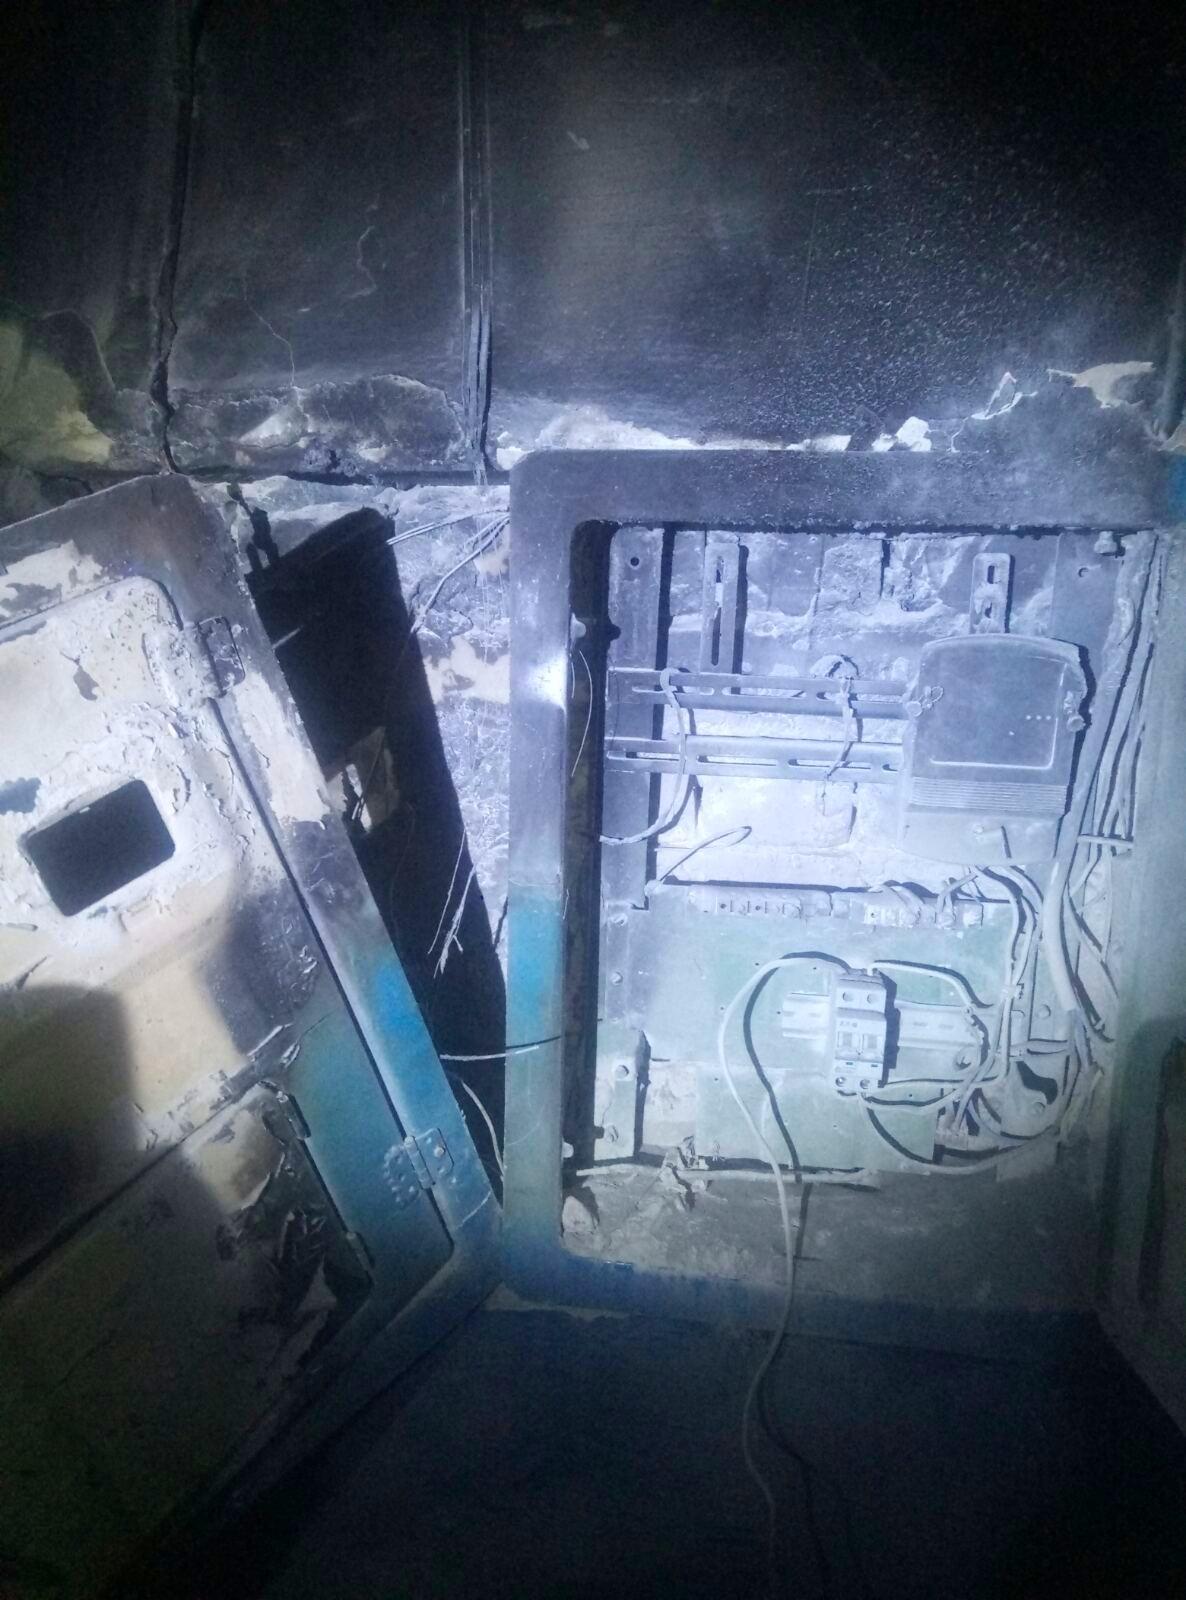 Під Києвом в багатоквартирному будинку загорілася електрощитова - пожежа - 02